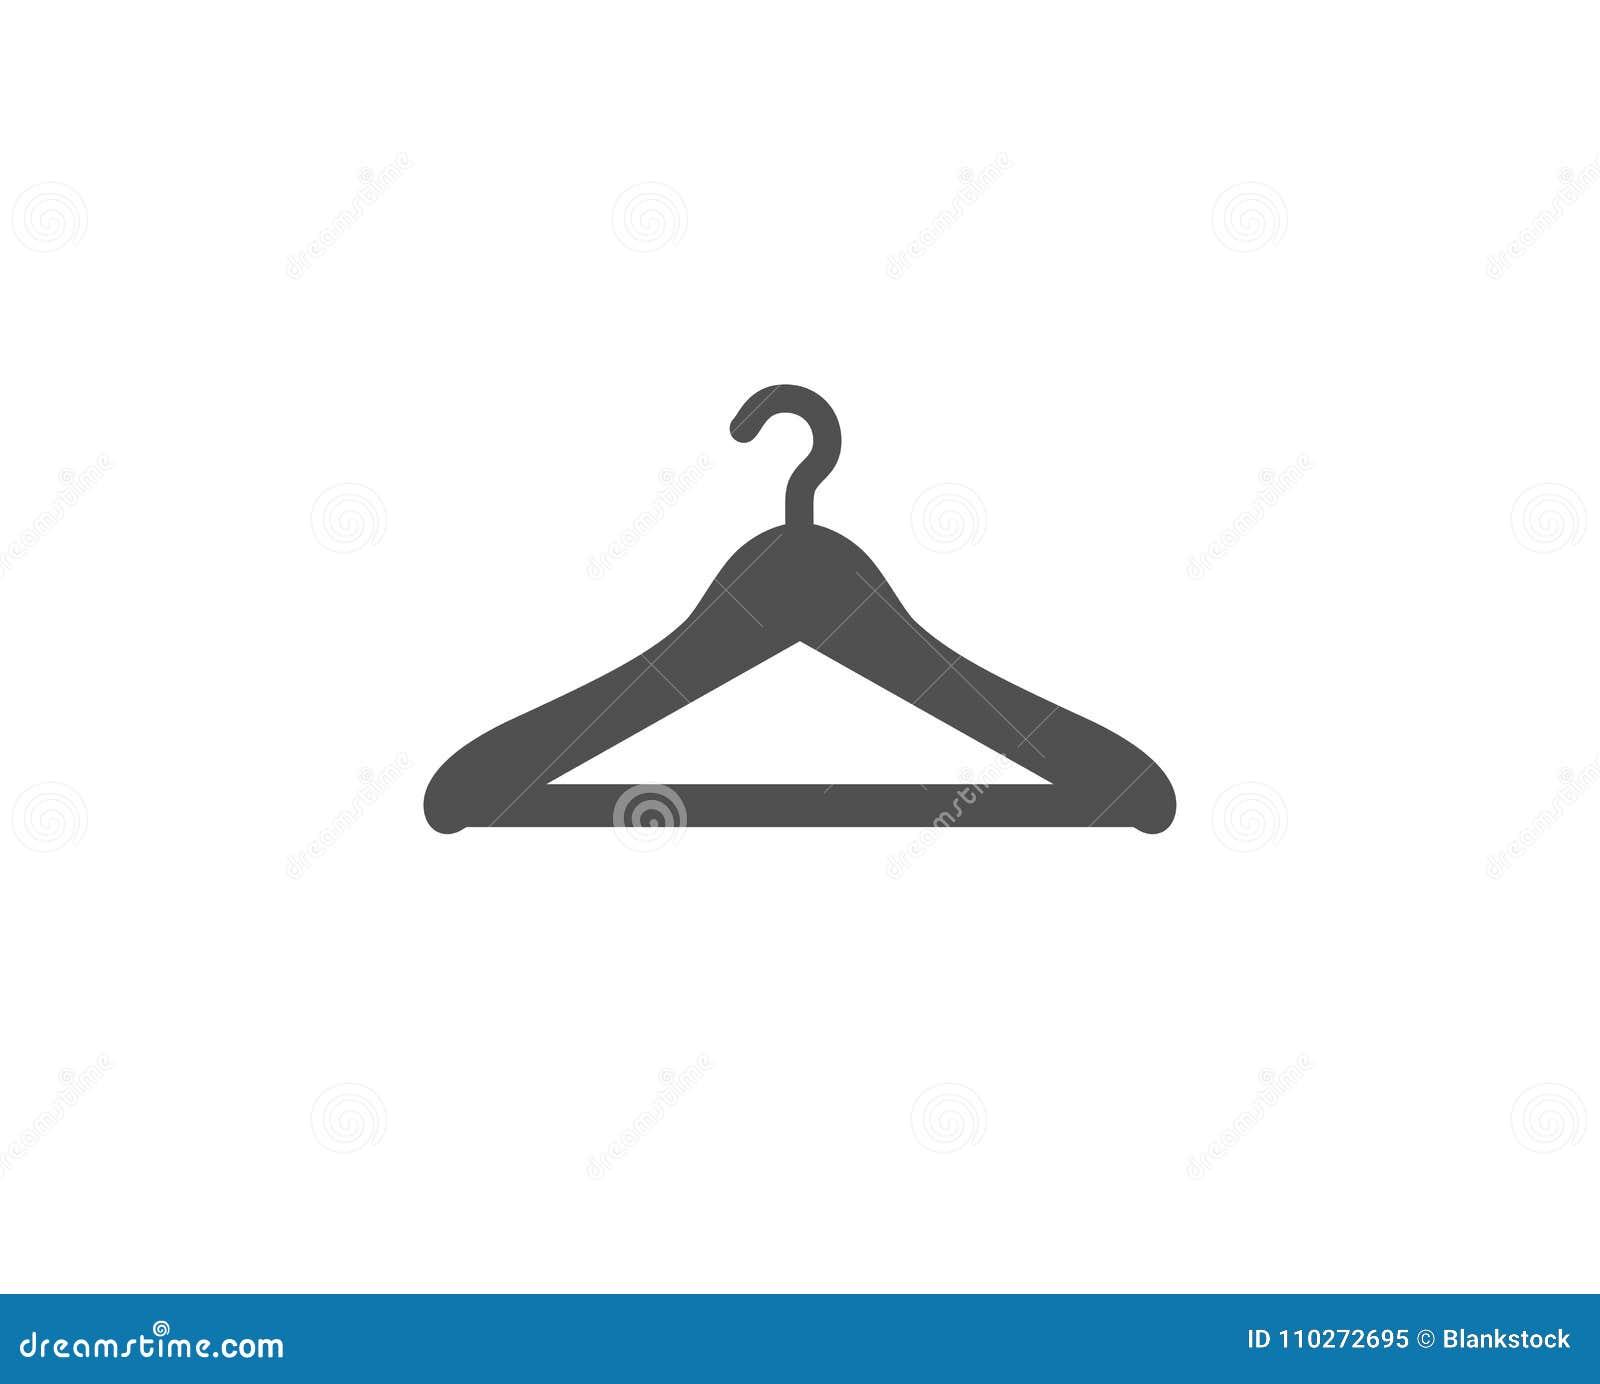 Icona semplice del guardaroba Segno del guardaroba del gancio